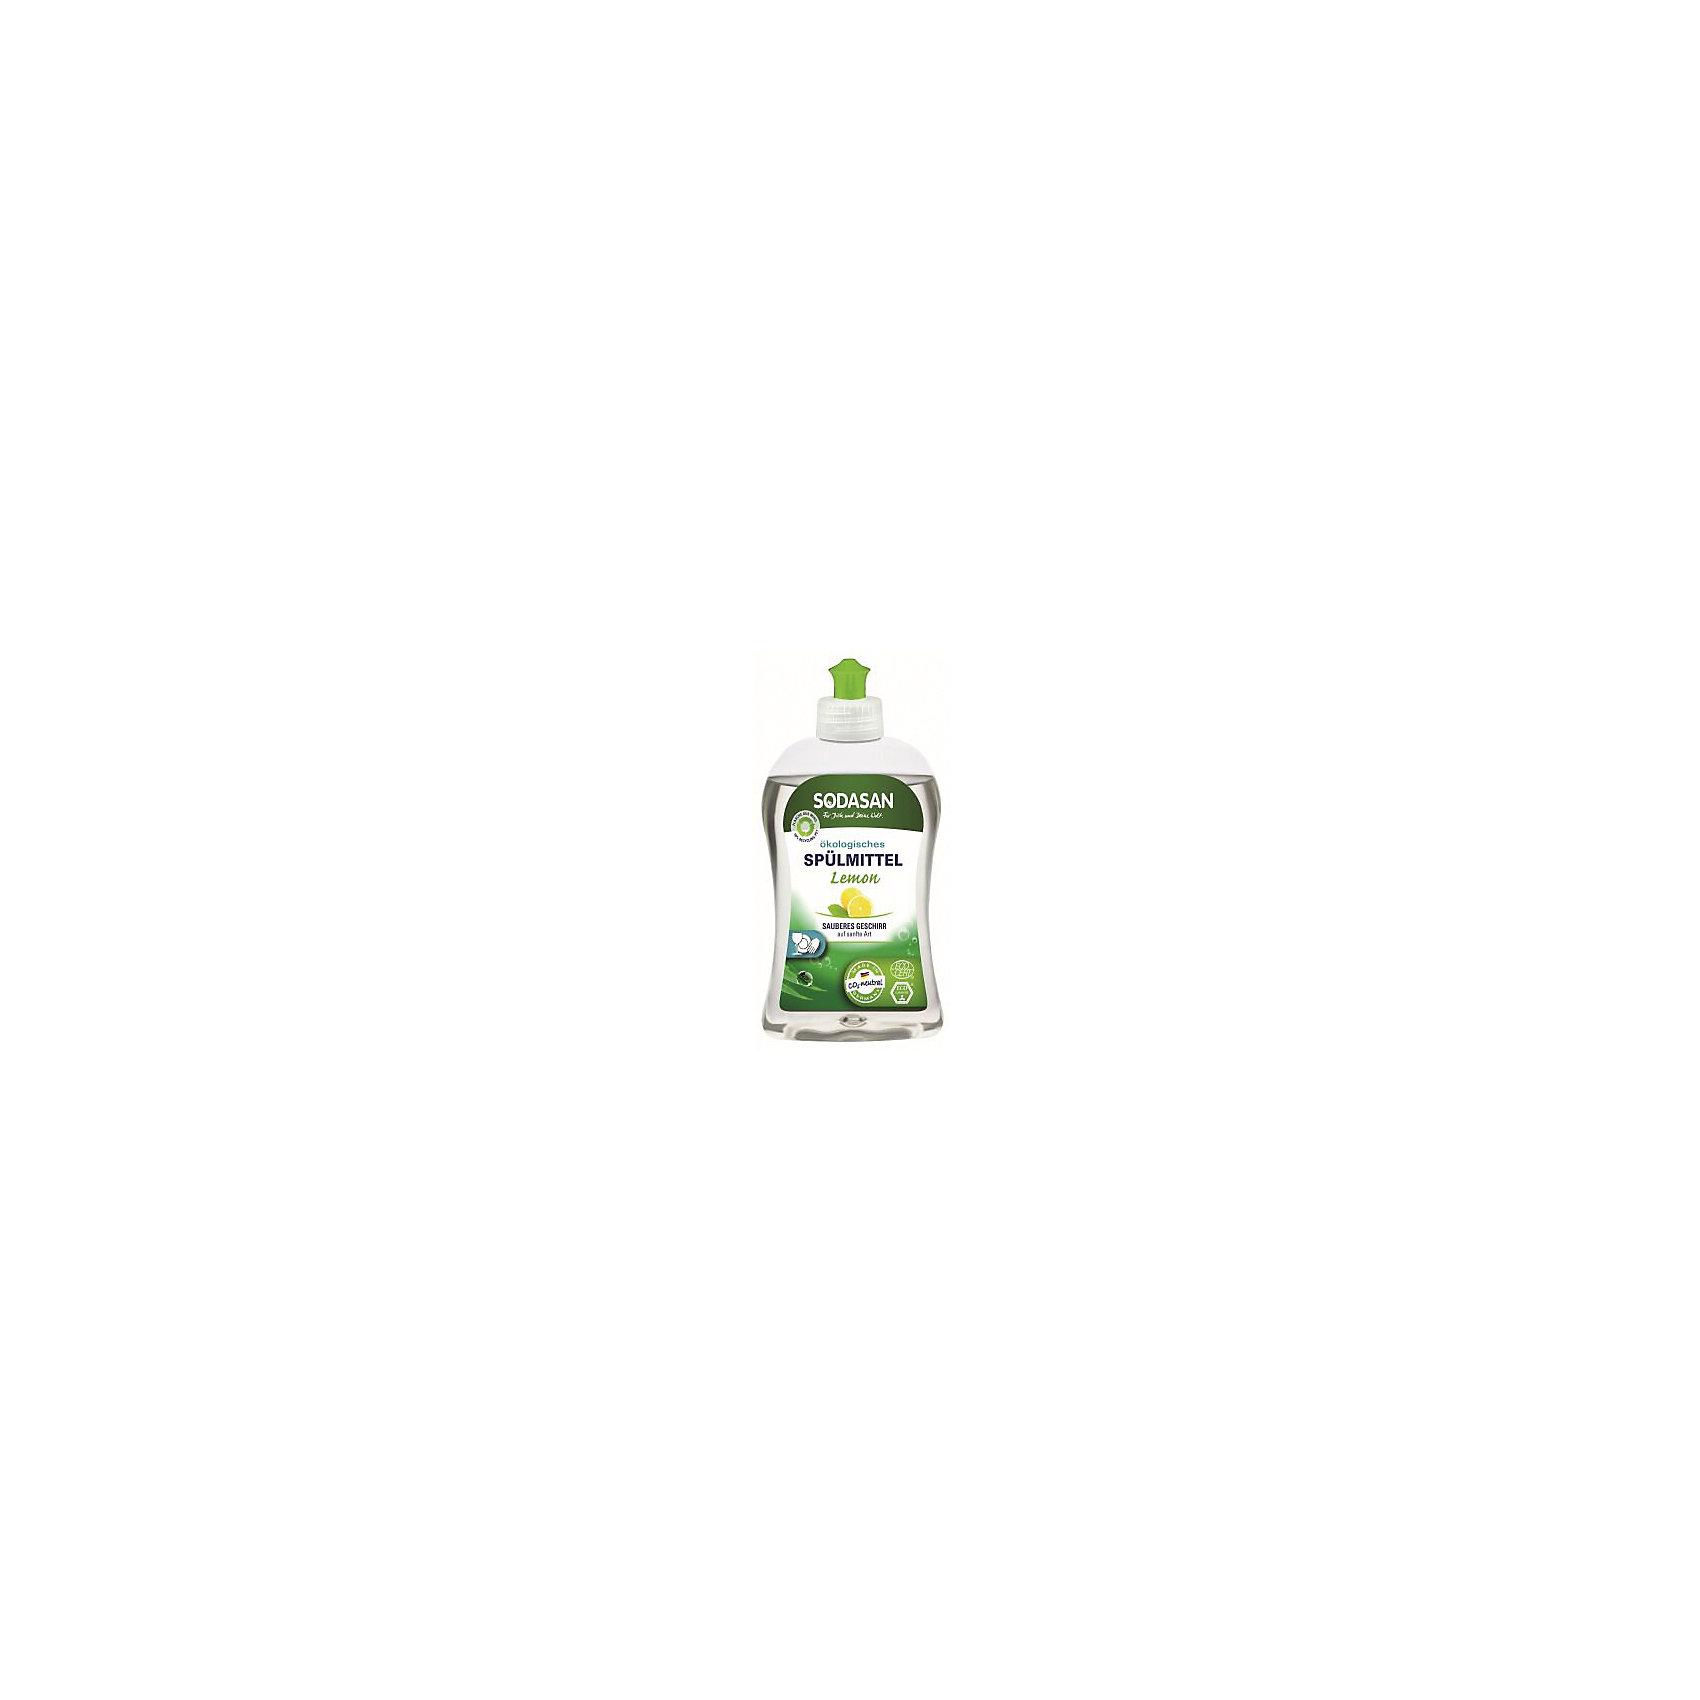 Средство для посуды с лимоном 500мл, SodasanБытовая химия<br>Качественно и безопасно моет посуду без лишних усилий! <br>Быстро удаляет загрязнения и жир! <br>Придаёт посуде блеск и не оставляет разводов. <br>В состав входят только безопасные растительные ингредиенты органического происхождения. <br>Специальная формула защищает Ваши руки от пересыхания и делает их мягкими на ощупь. <br>Экономично в использовании!<br> <br>SODASAN Органическое Универсальное средство мытья для посуды с Лимоном.<br>Универсальна для безопасного очищения! Можно использовать для мытья кастрюль, плиты, любых поверхностей на кухне и в доме. Может справиться с сильными загрязнениями, засохшими остатками пищи и жиром. <br>Способ использования: нанесите на губку и протрите загрязненные поверхности. Смойте водой.<br><br>Ширина мм: 250<br>Глубина мм: 100<br>Высота мм: 250<br>Вес г: 500<br>Возраст от месяцев: 216<br>Возраст до месяцев: 1188<br>Пол: Унисекс<br>Возраст: Детский<br>SKU: 5407622